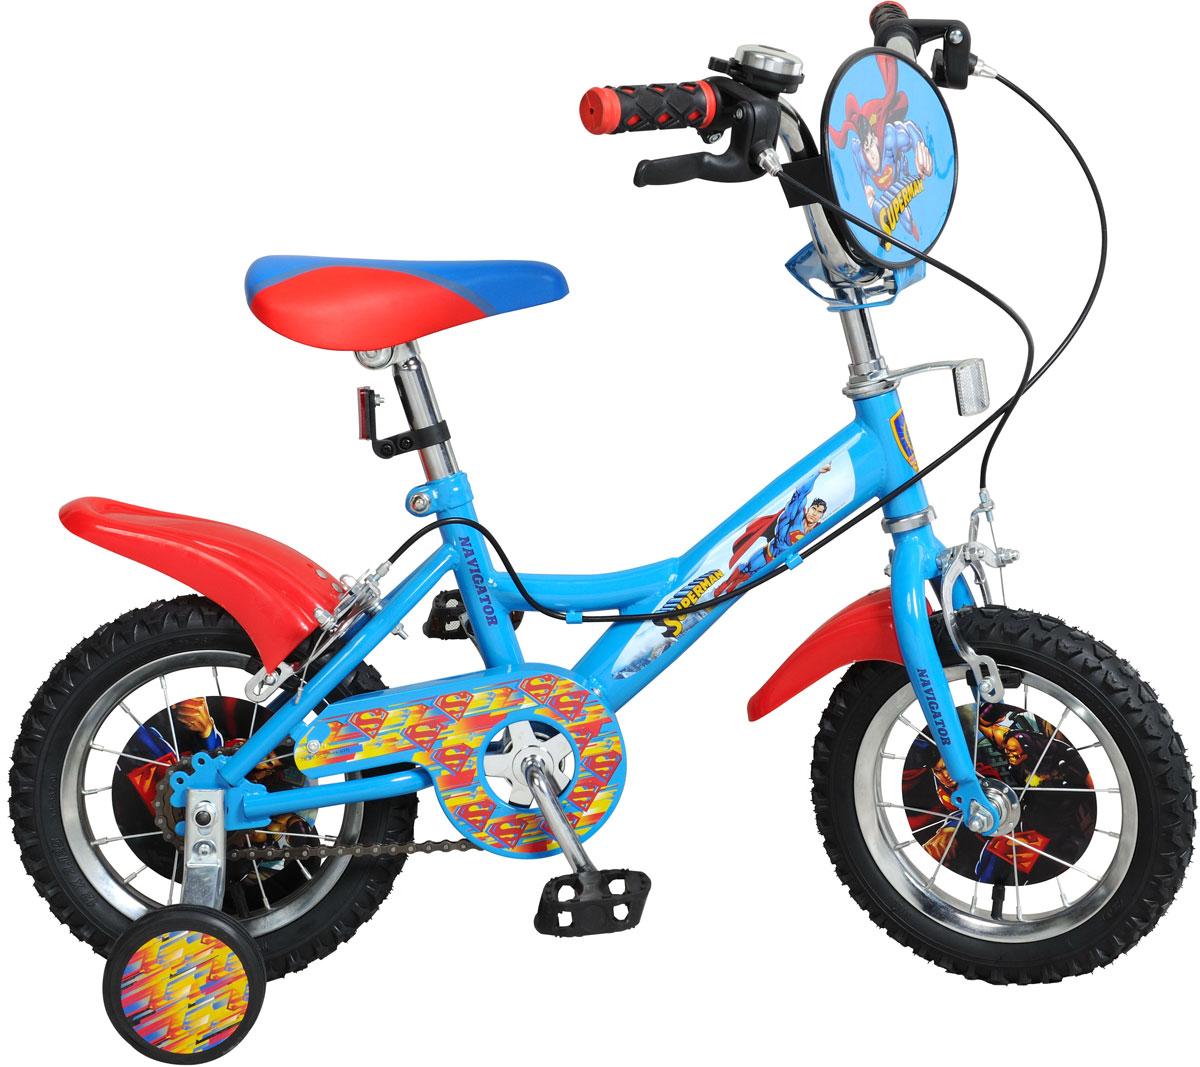 Велосипед детский Navigator Superman, цвет: синий. ВН12100 велосипед двухколесный navigator superman 12 вн12100